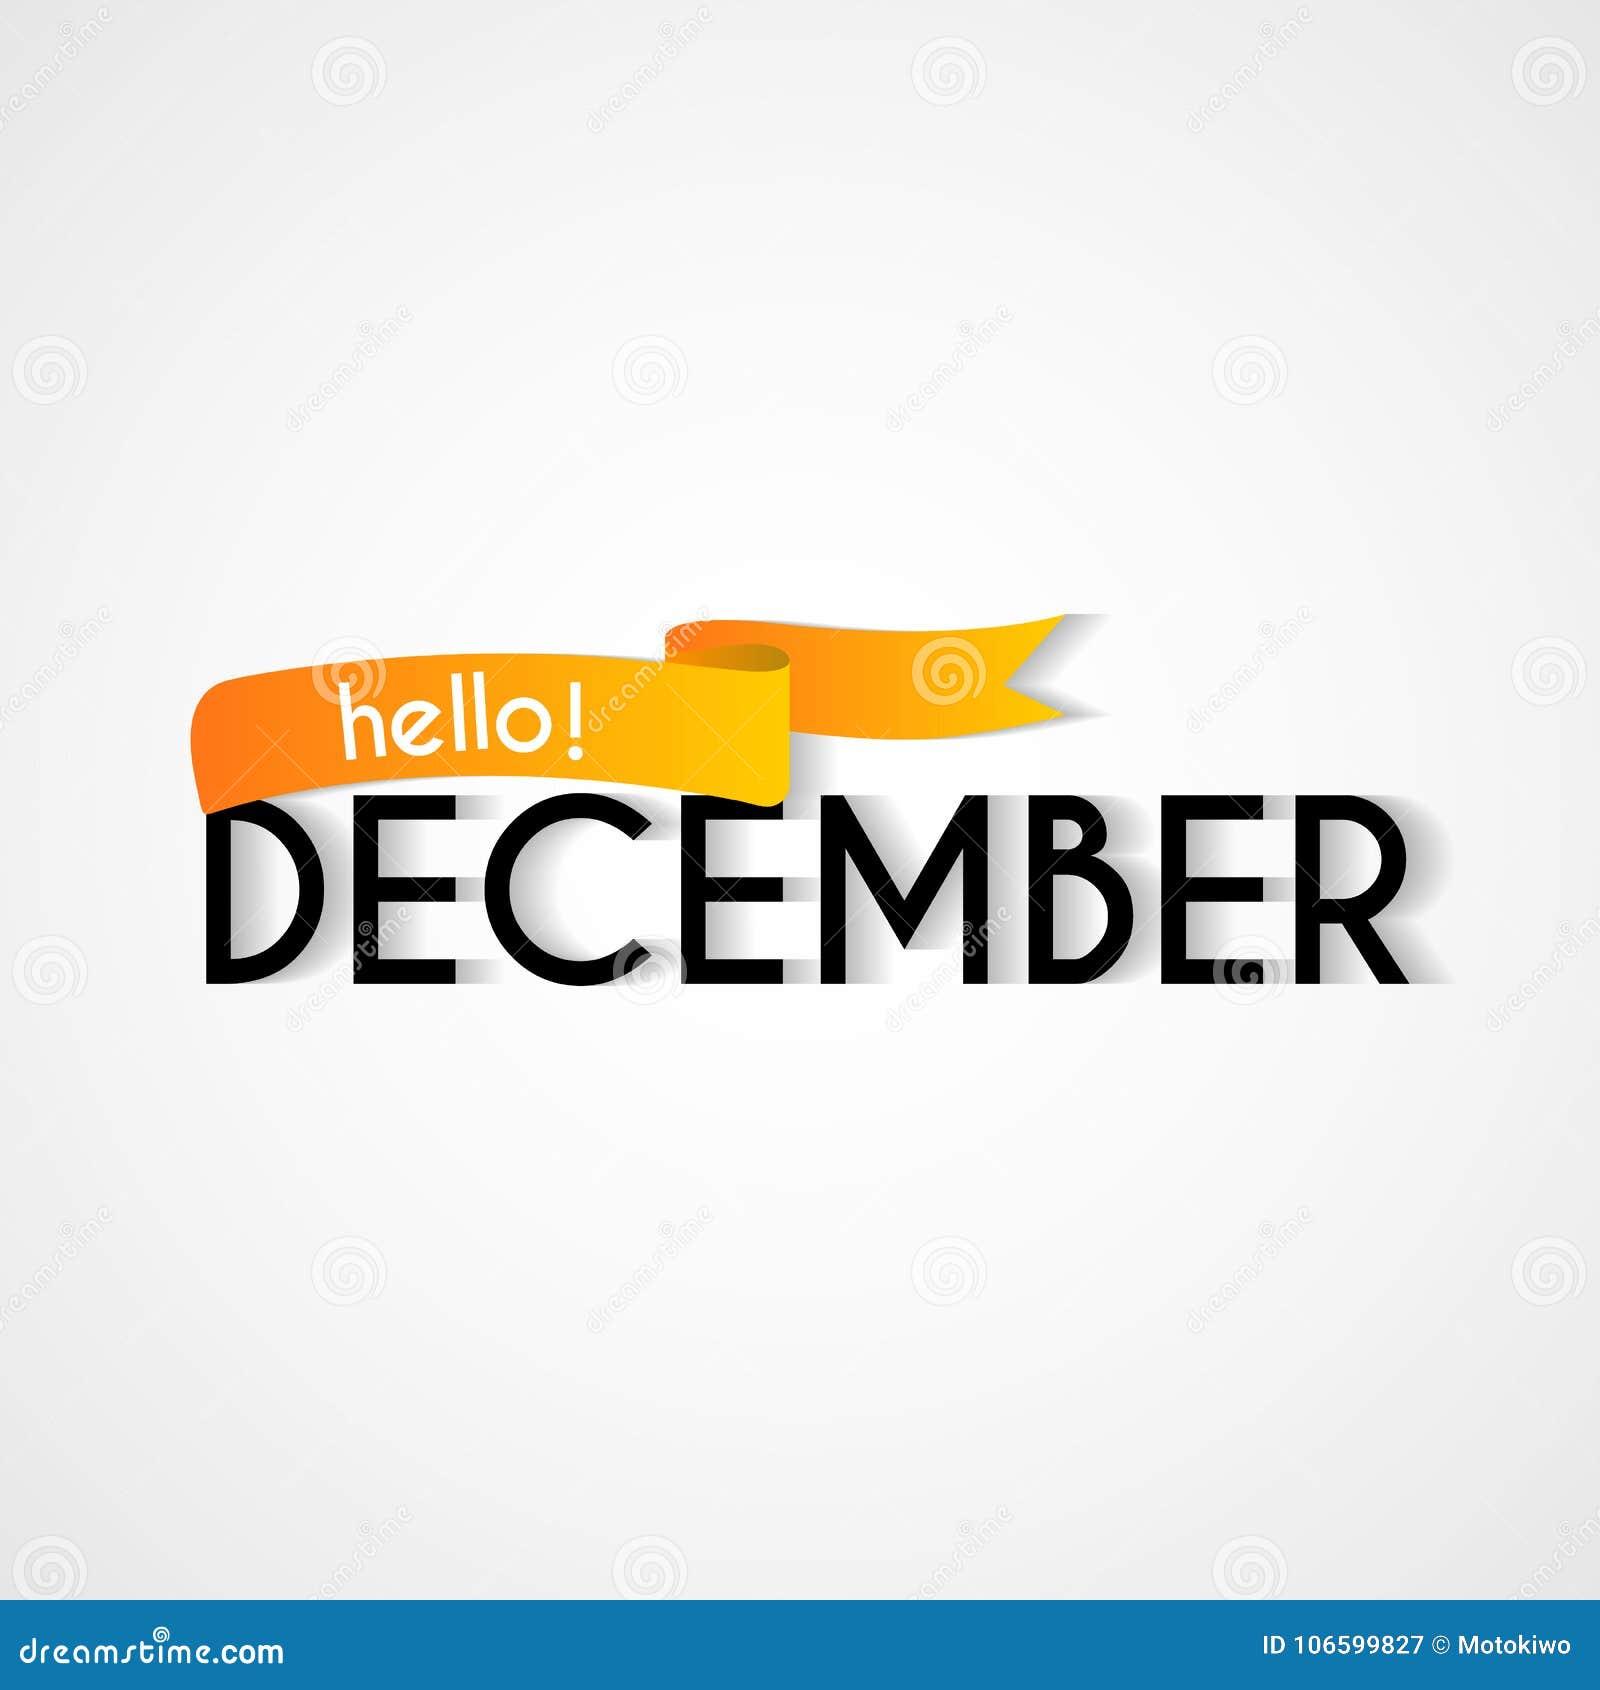 Happy new month december background design stock vector happy new month december background design m4hsunfo